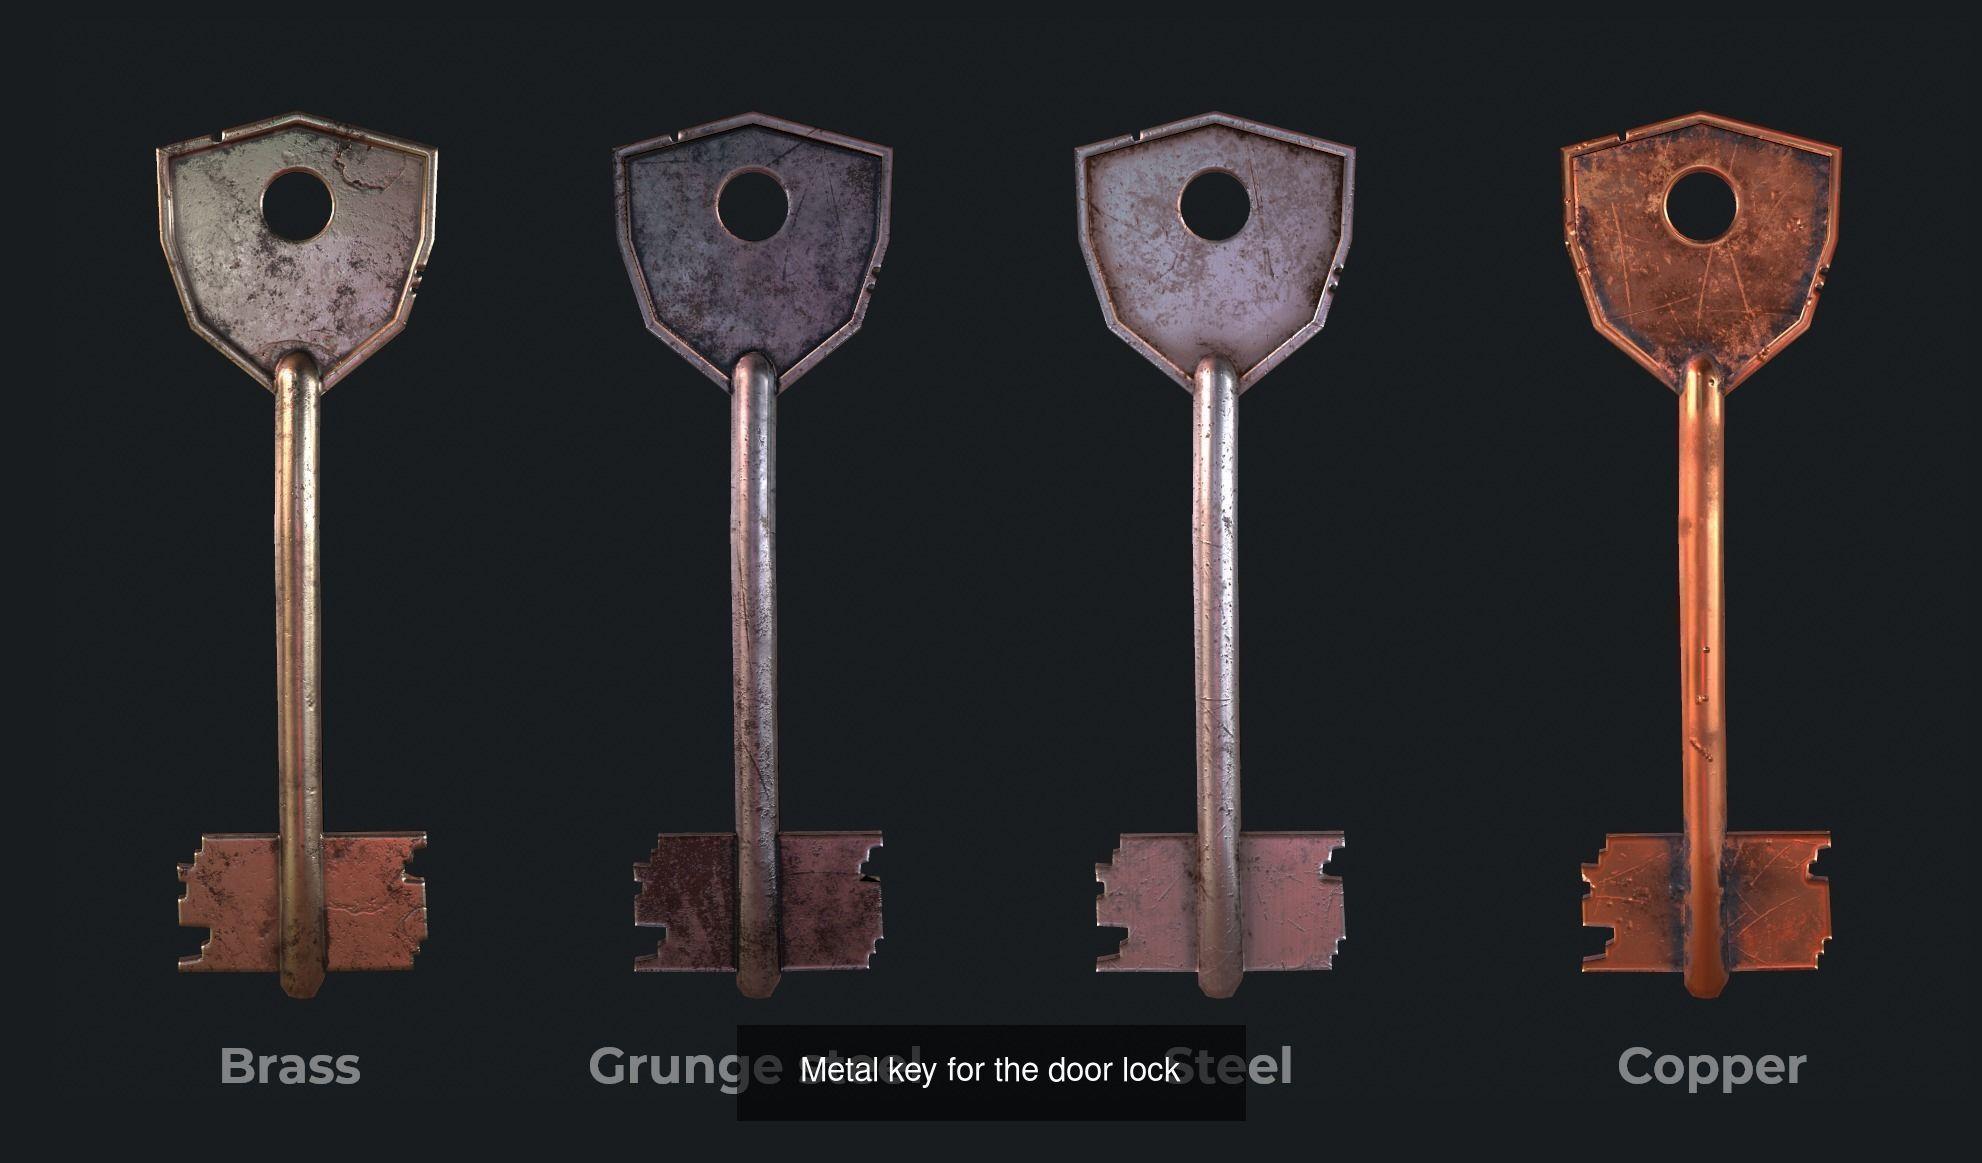 Six metal key for the door lock